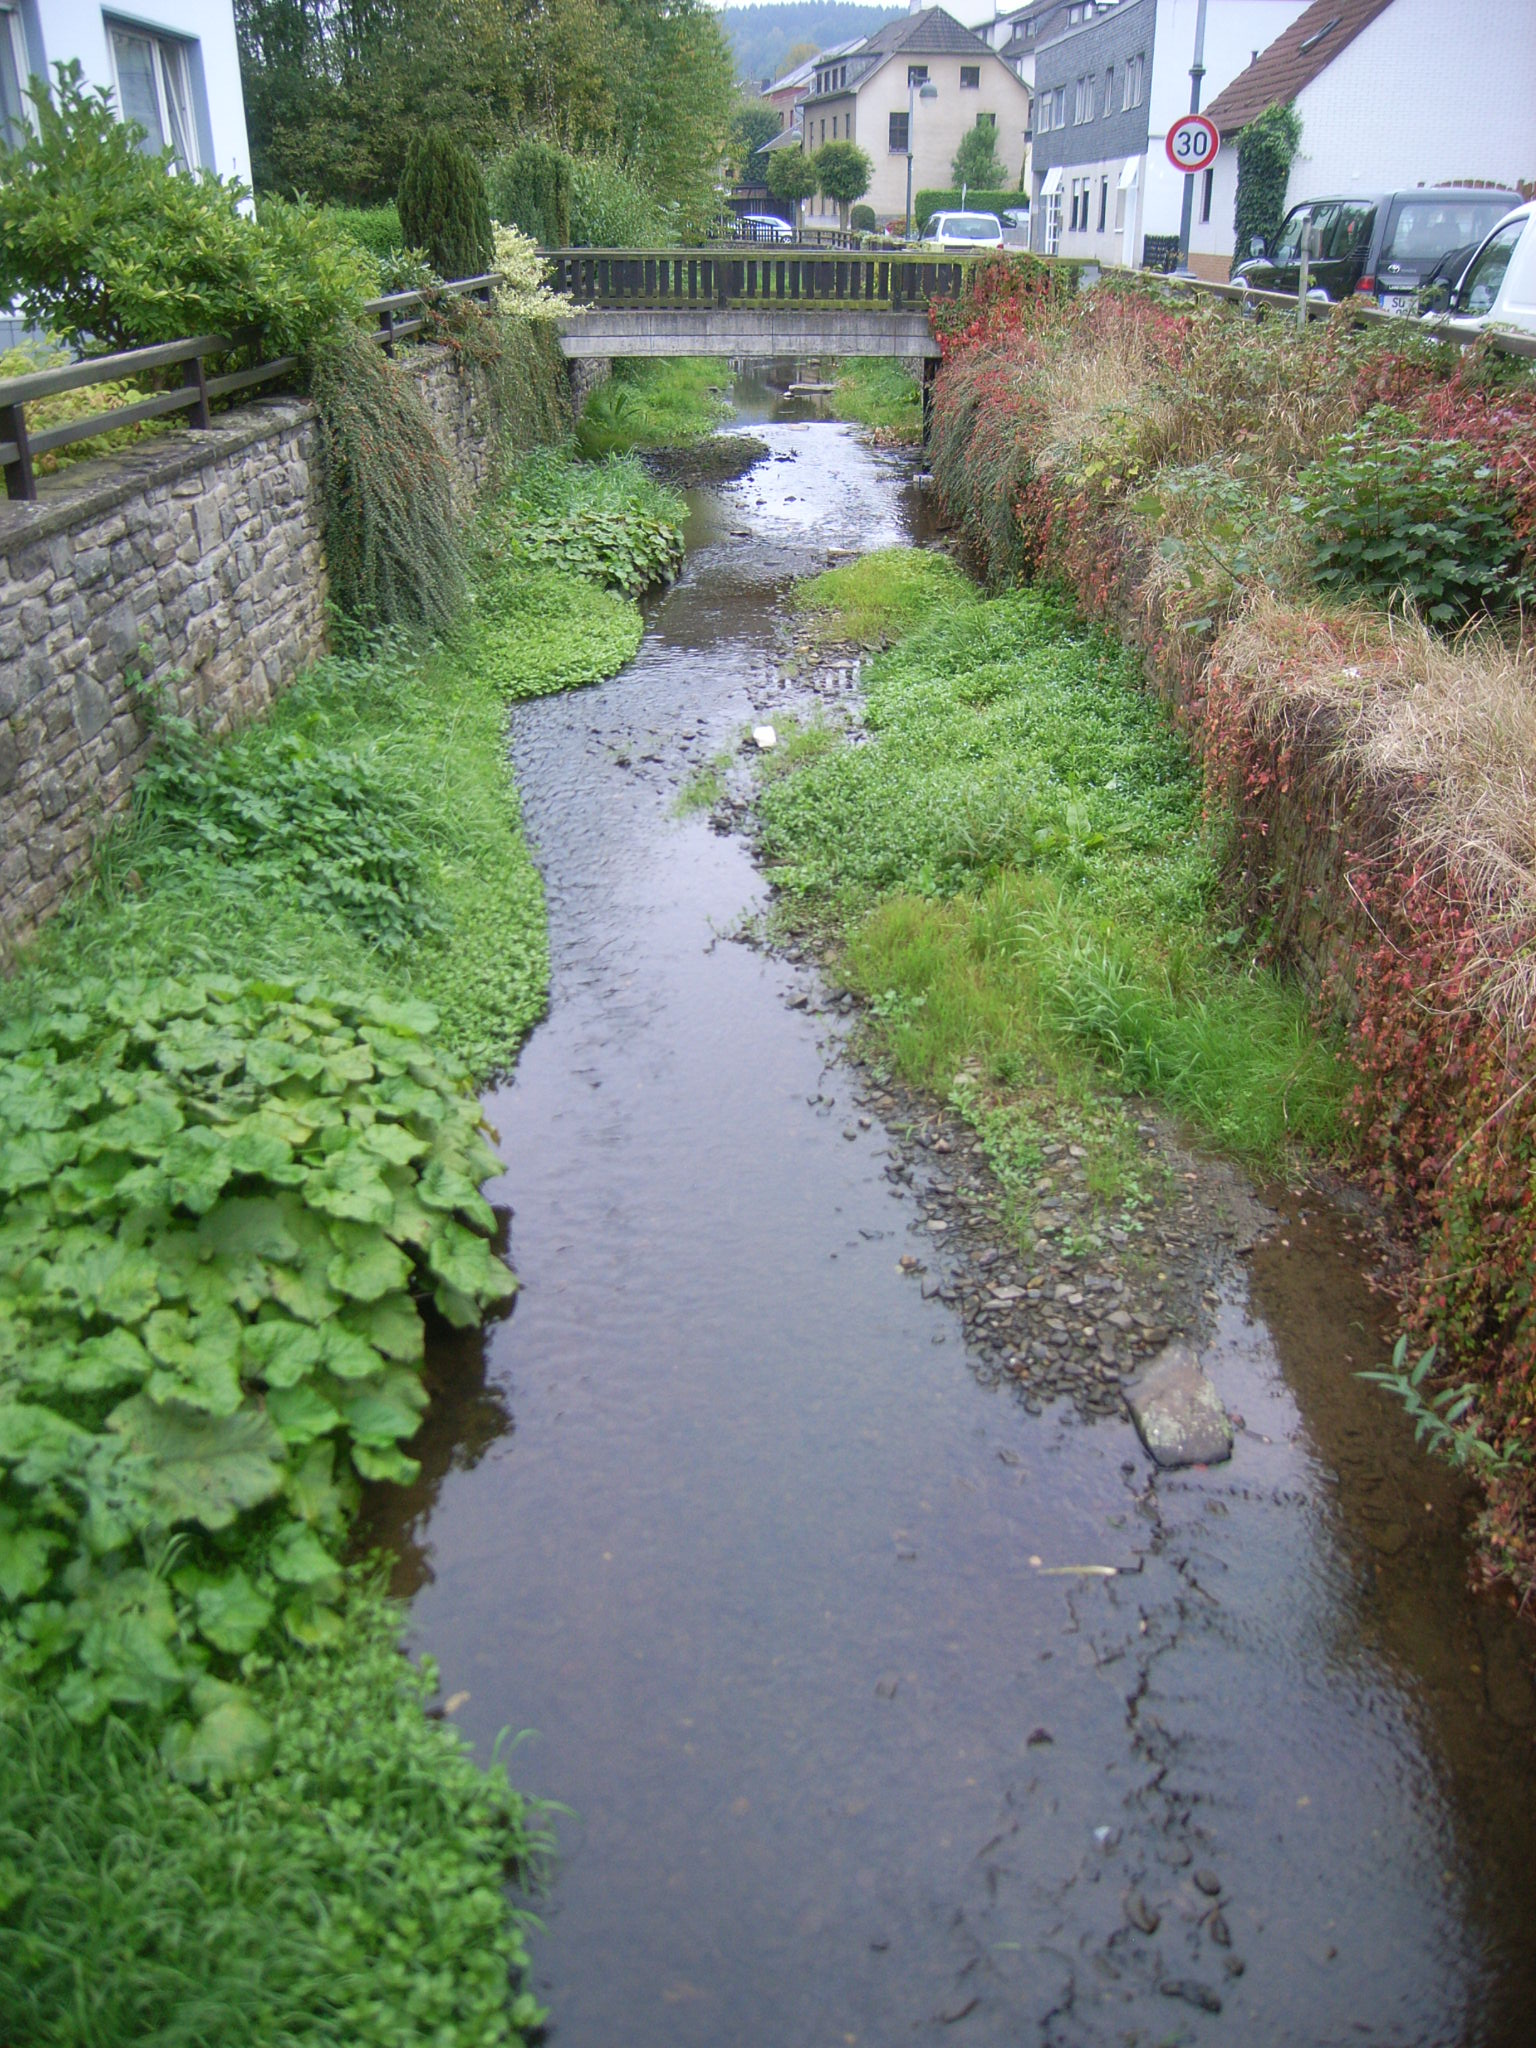 Foto: Bach mit hohen Ufermauern und angrenzenden Häusern und Straßen in Ortslage. Die Gewässersohle ist offen, mit Kies bedeckt und stellenweise bewachsen. Der Bach verläuft leicht schwingend im Kastenprofil.